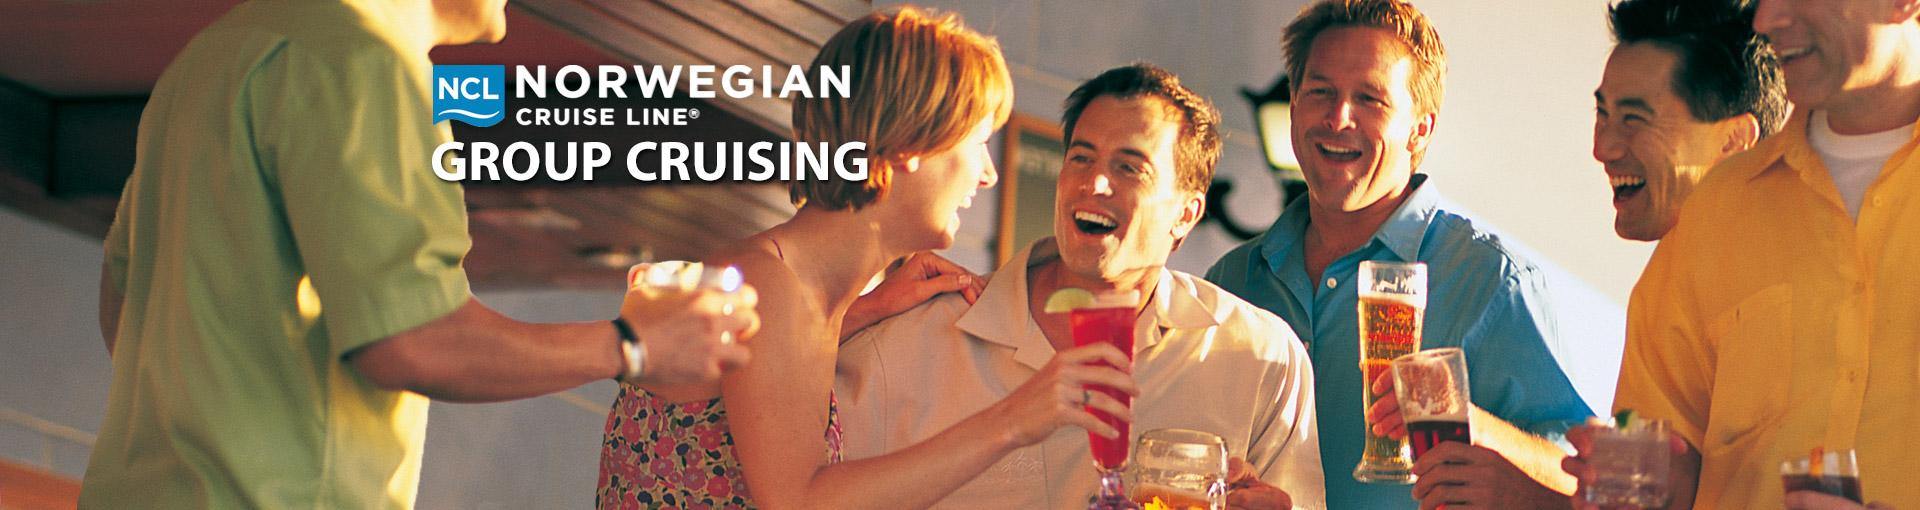 Norwegian Cruise Line: Group Cruising